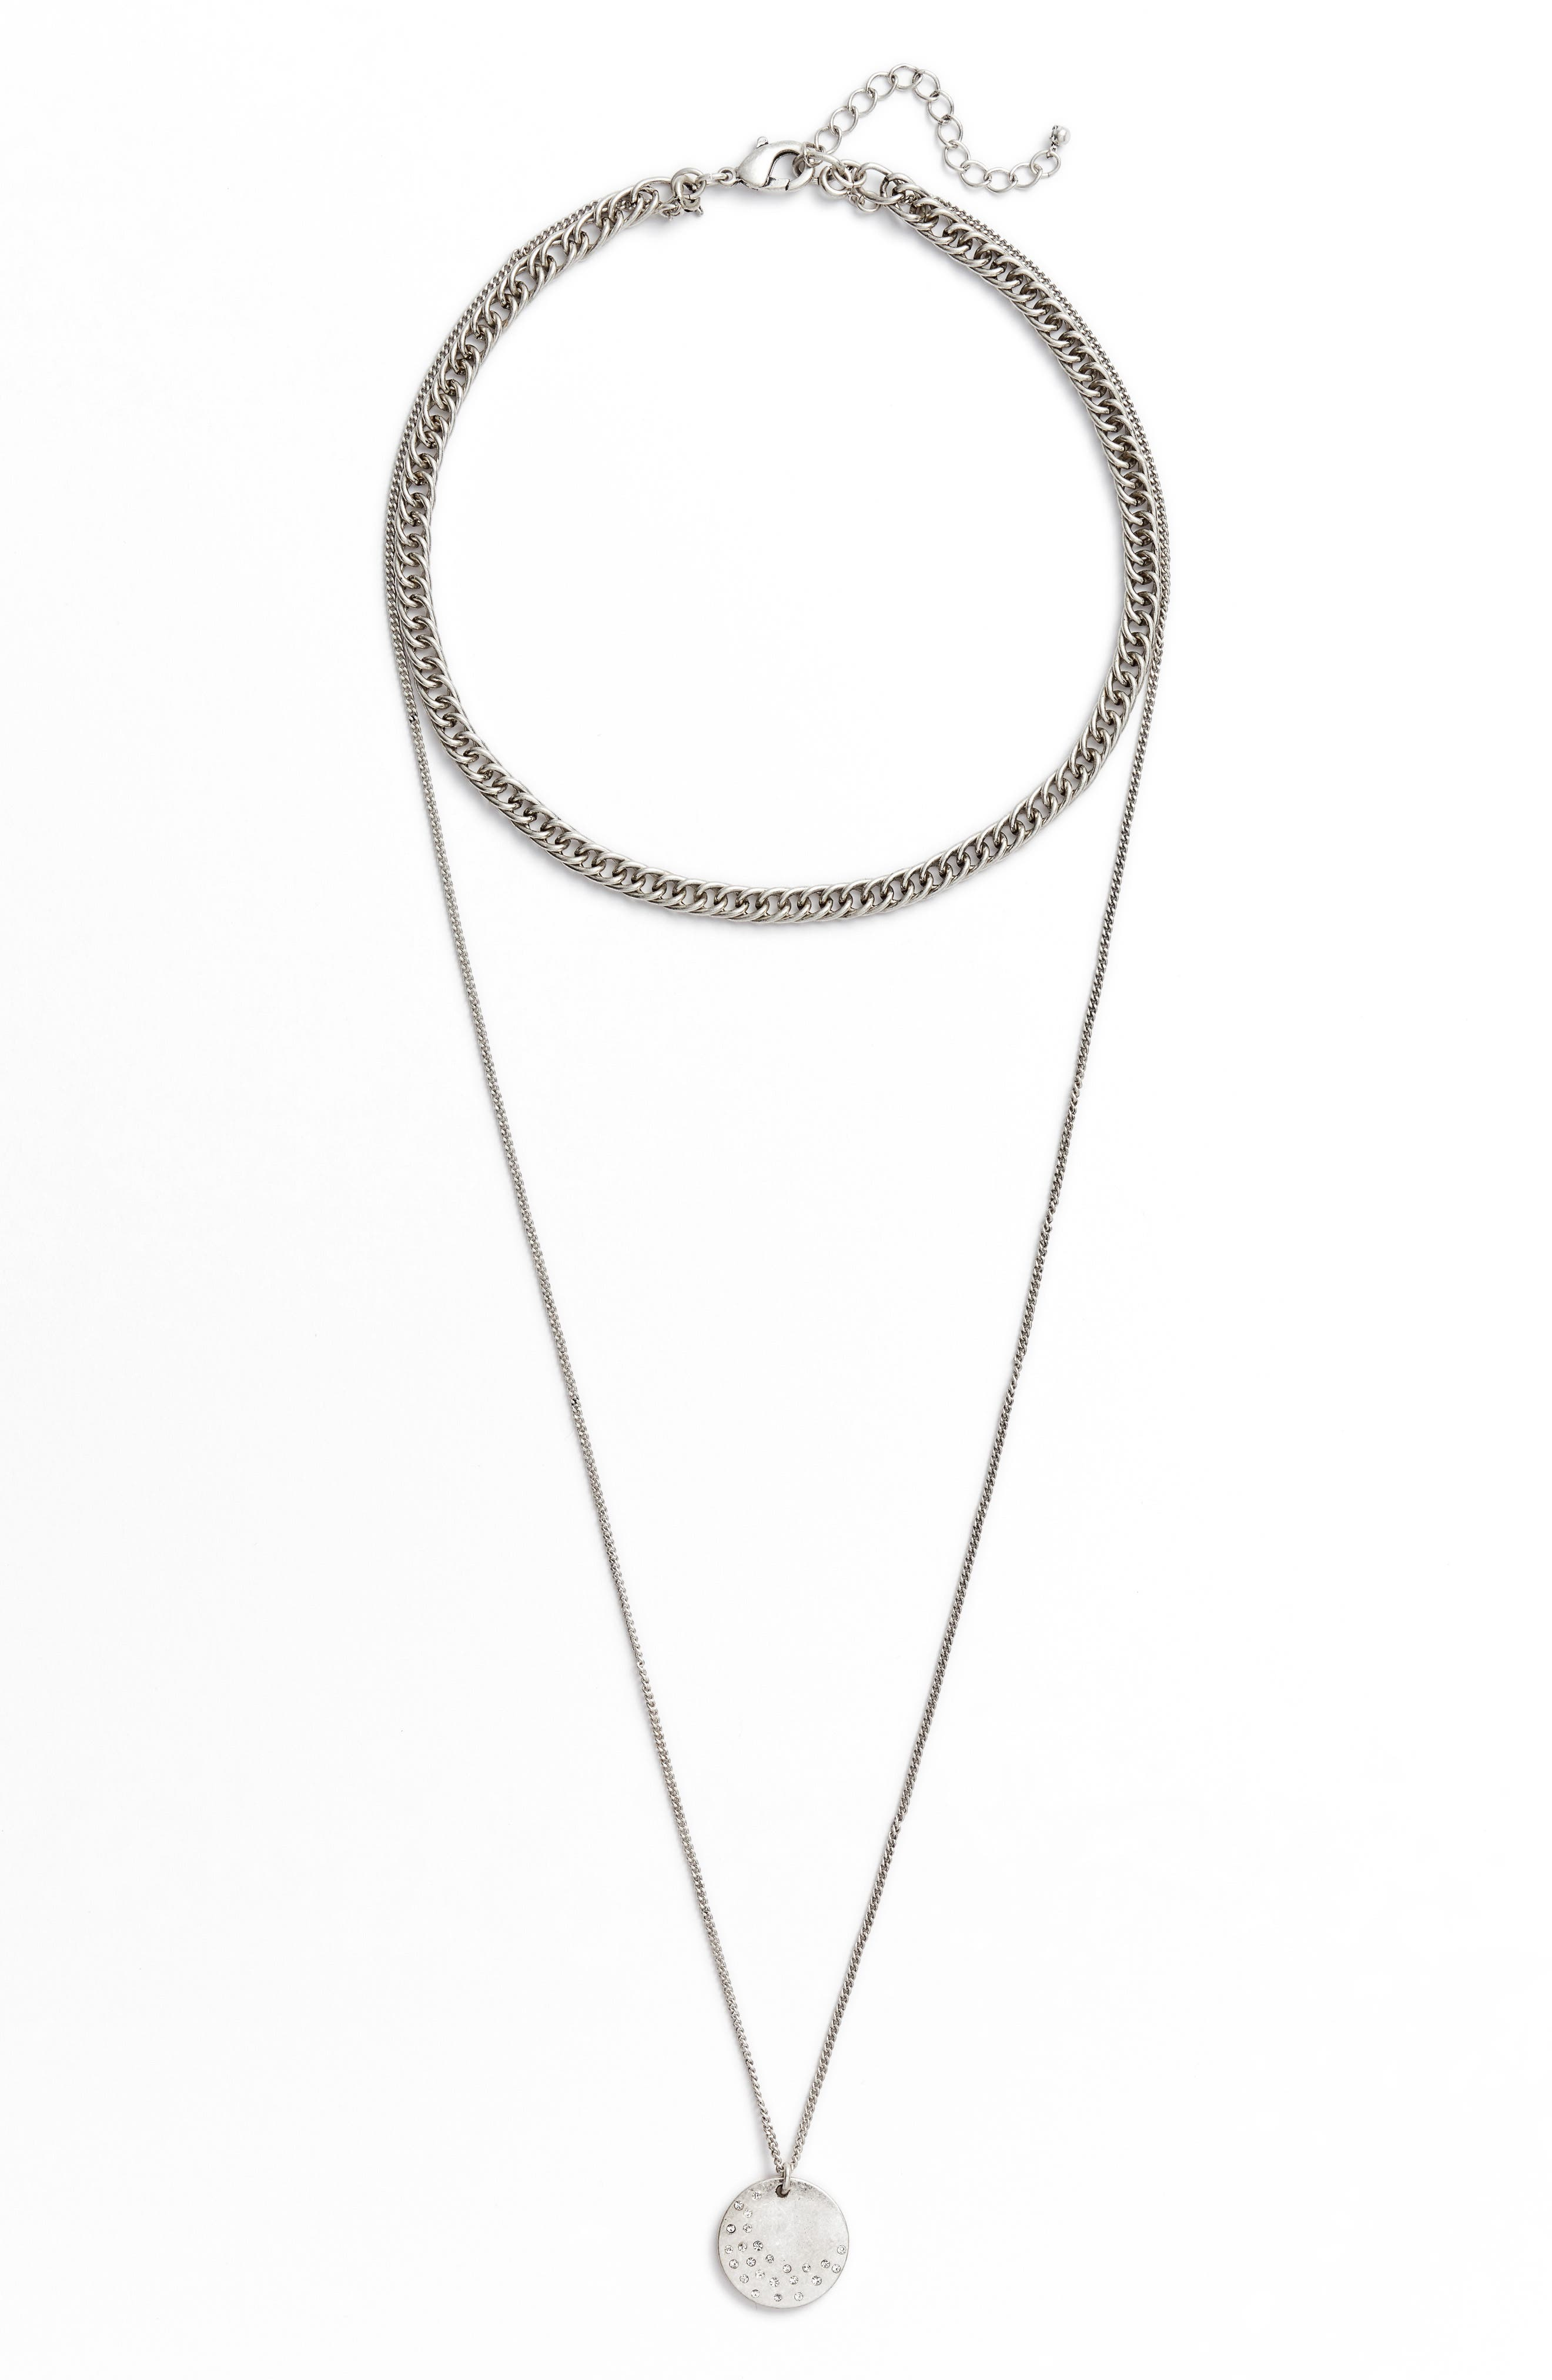 Main Image - Treasure & Bond x Something Navy Multistrand Necklace